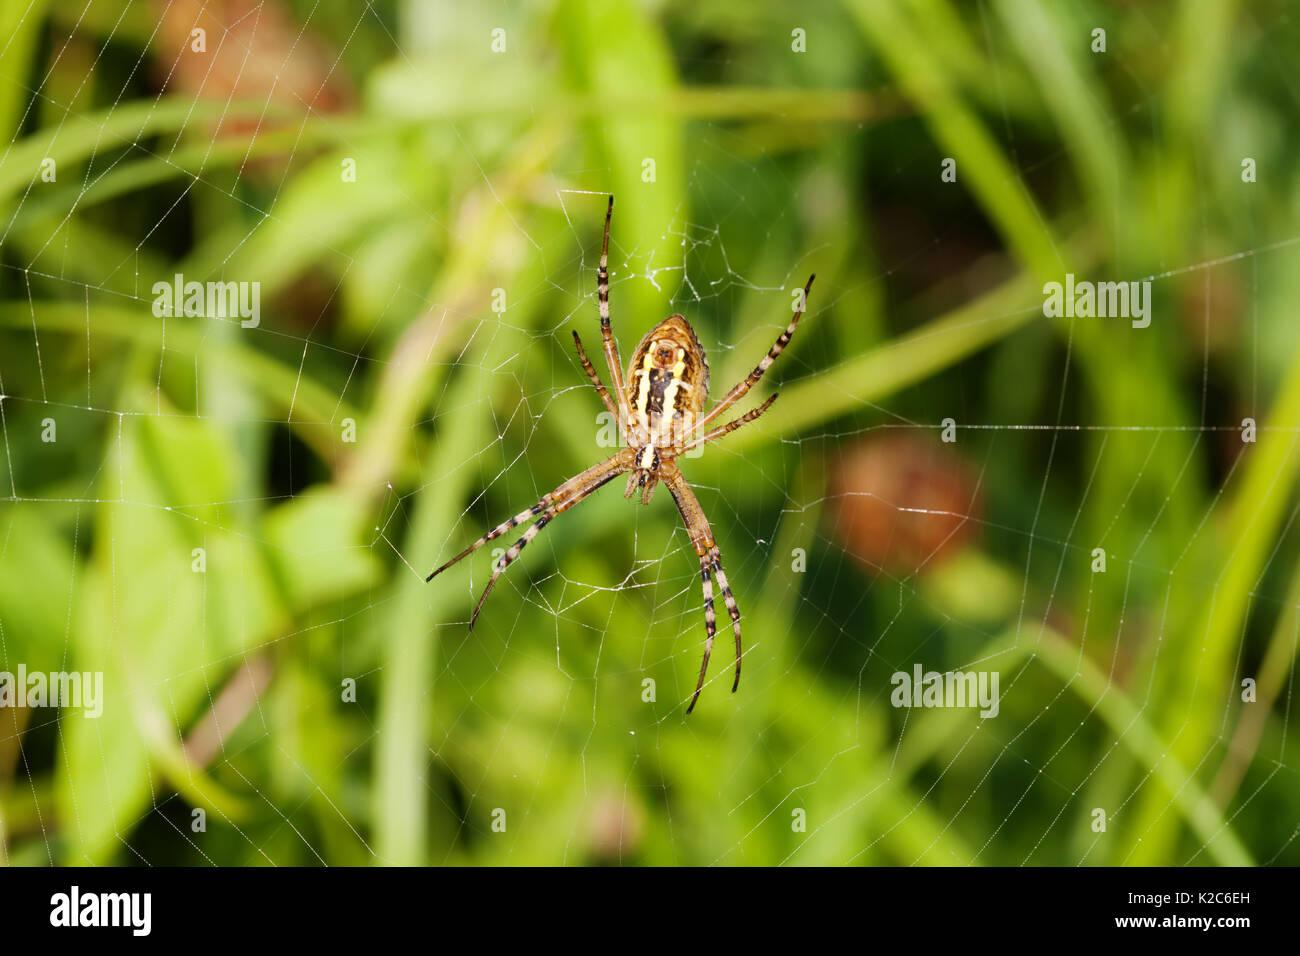 Orb Weave Spider Imágenes De Stock & Orb Weave Spider Fotos De Stock ...